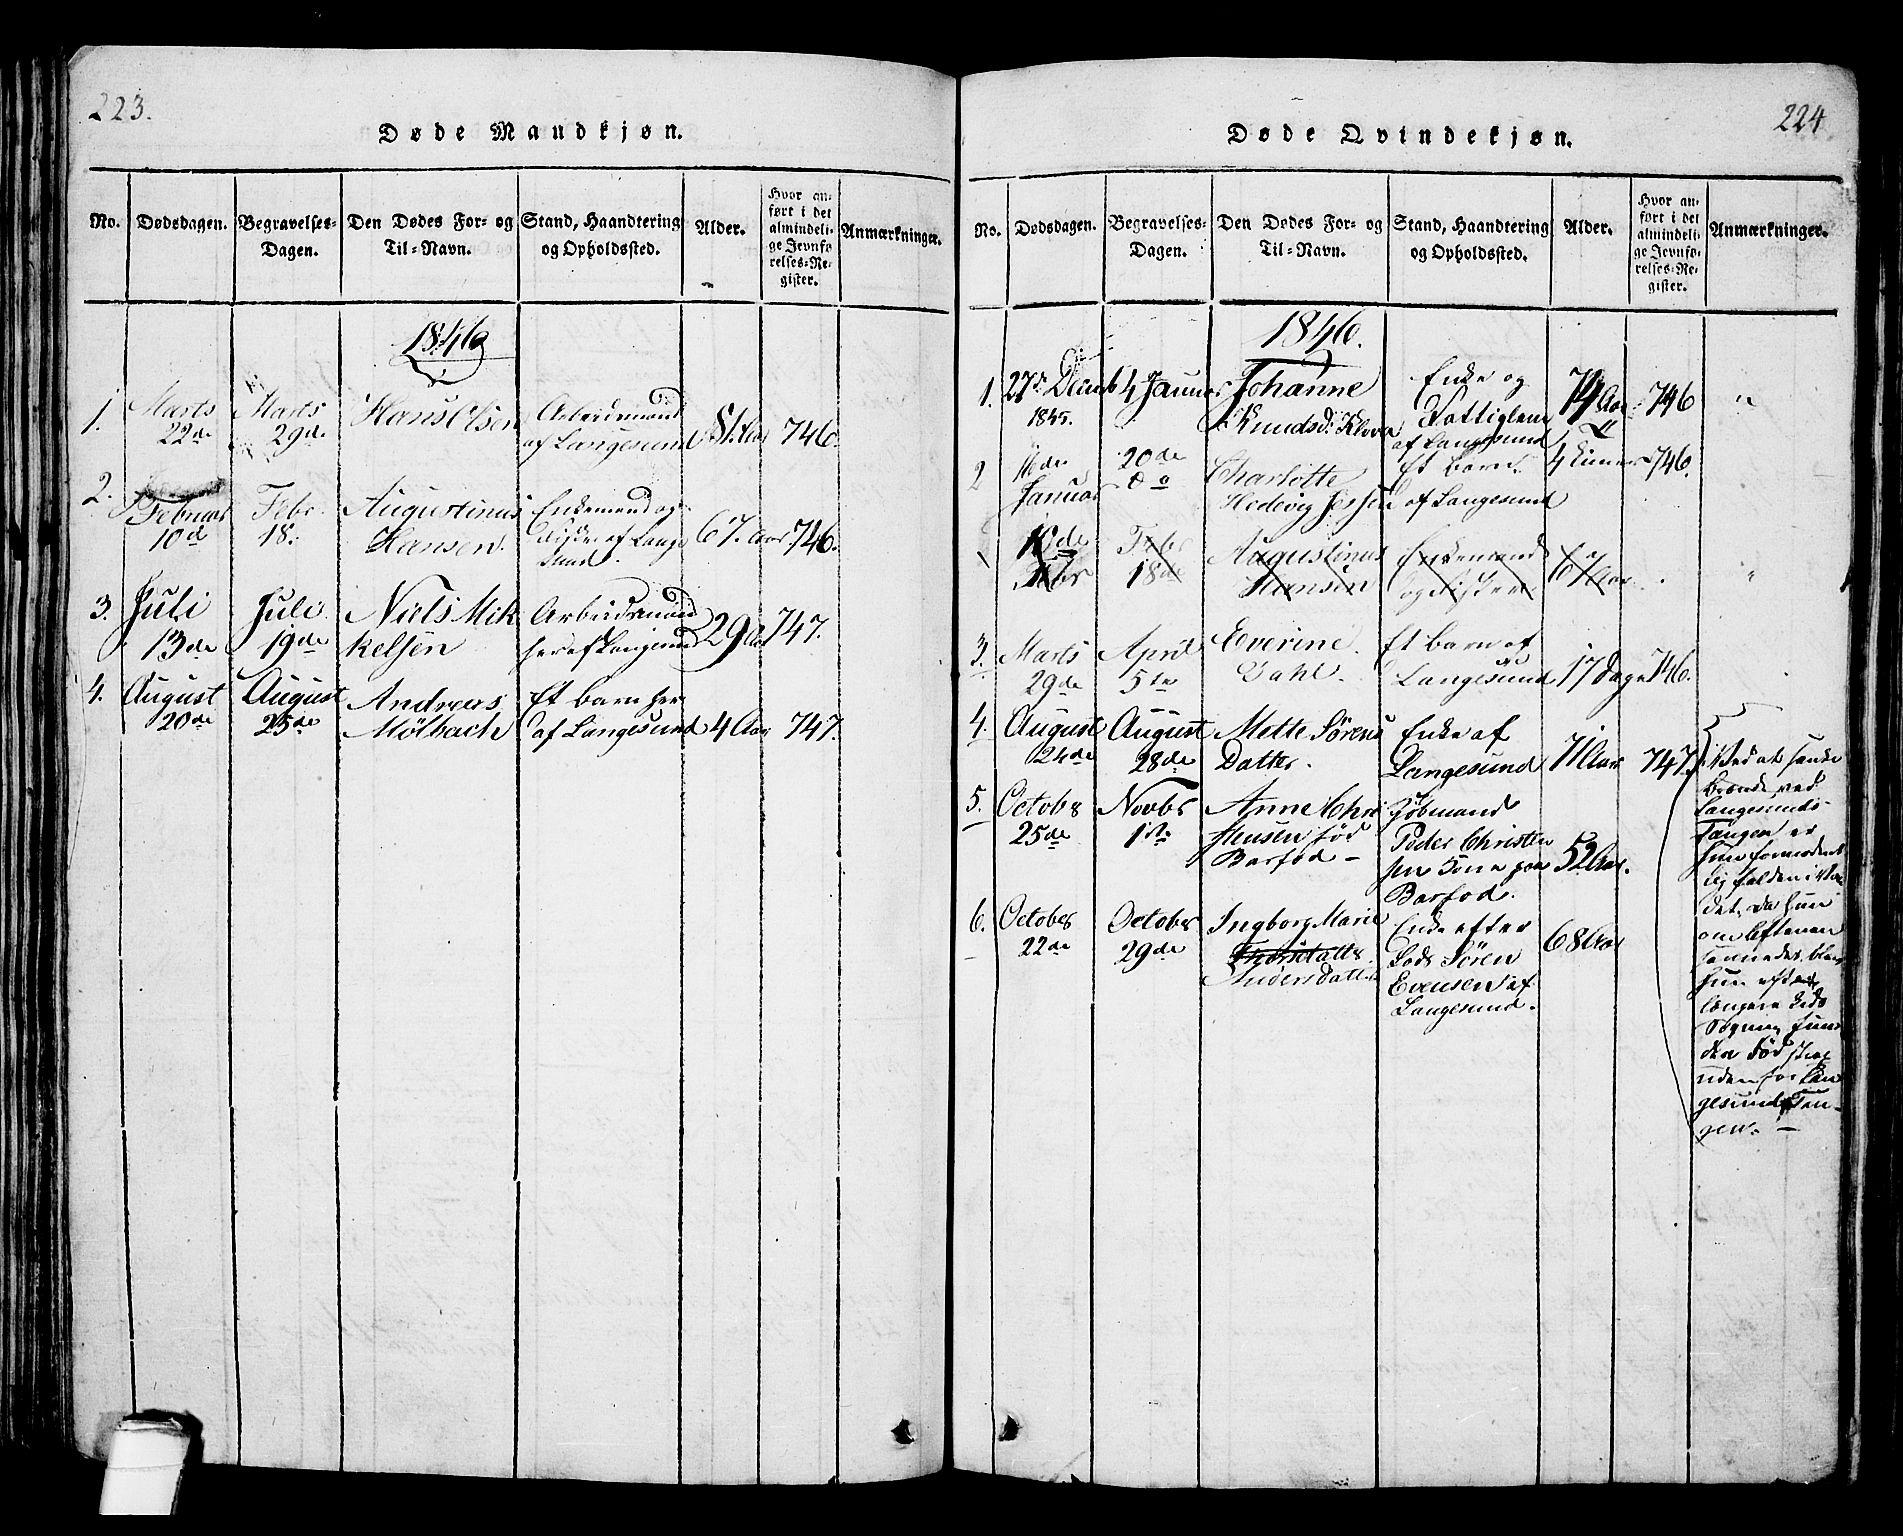 SAKO, Langesund kirkebøker, G/Ga/L0003: Klokkerbok nr. 3, 1815-1858, s. 223-224